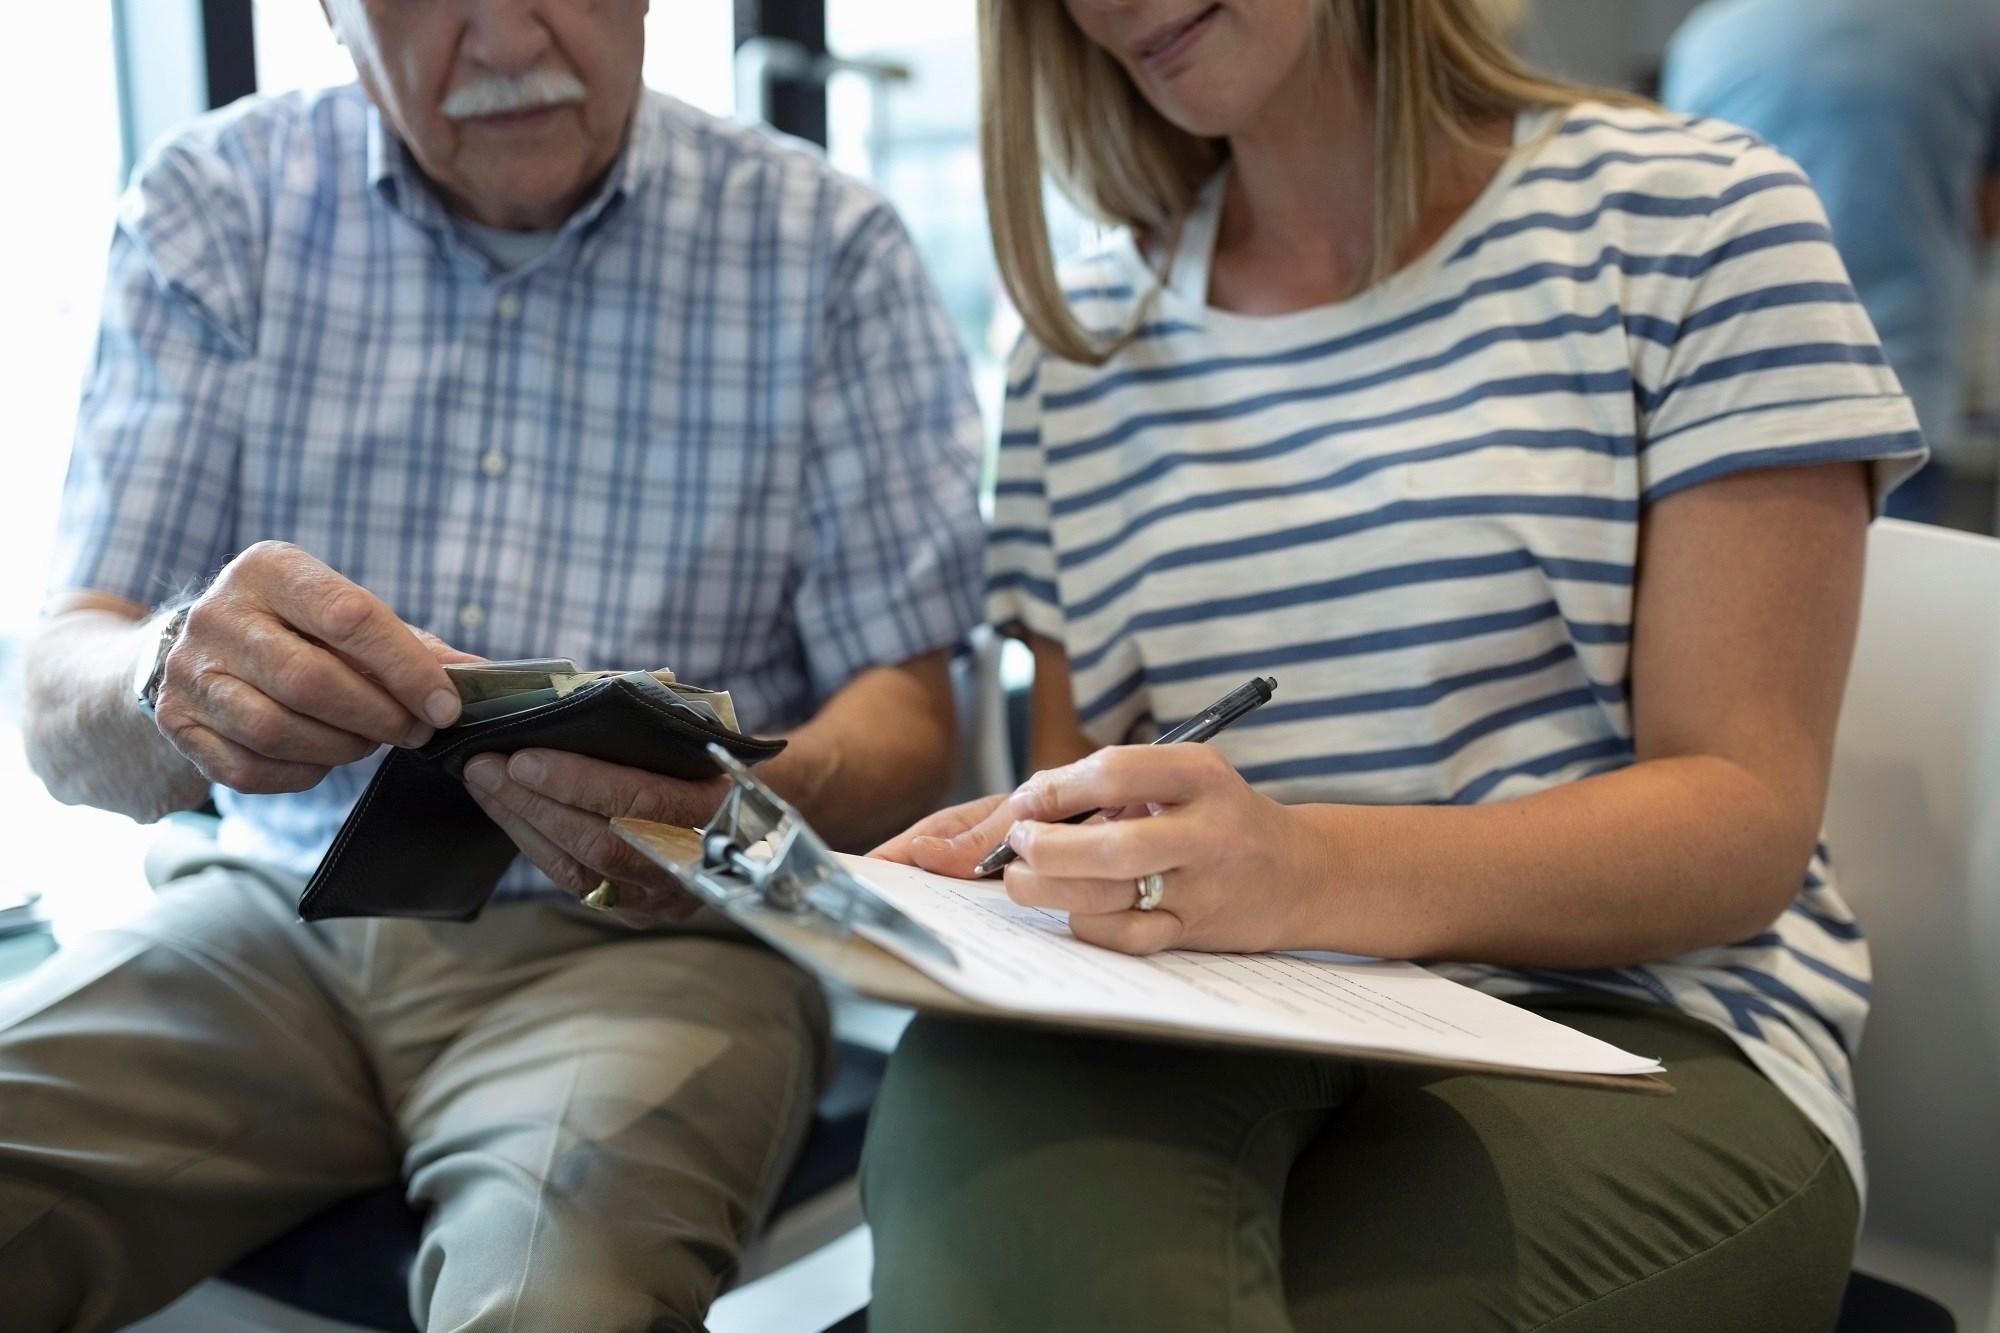 More Non-Elderly Americans Uninsured in 2017 Versus 2016